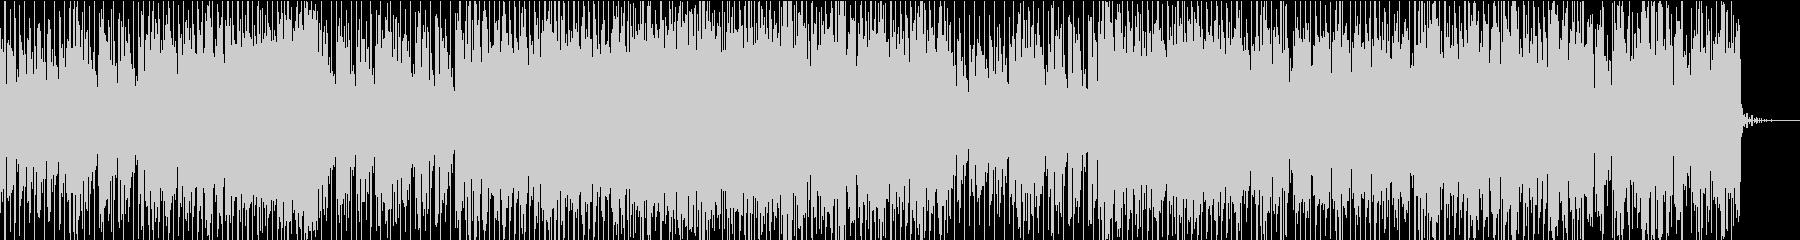 力強いエレクトロBGMの未再生の波形